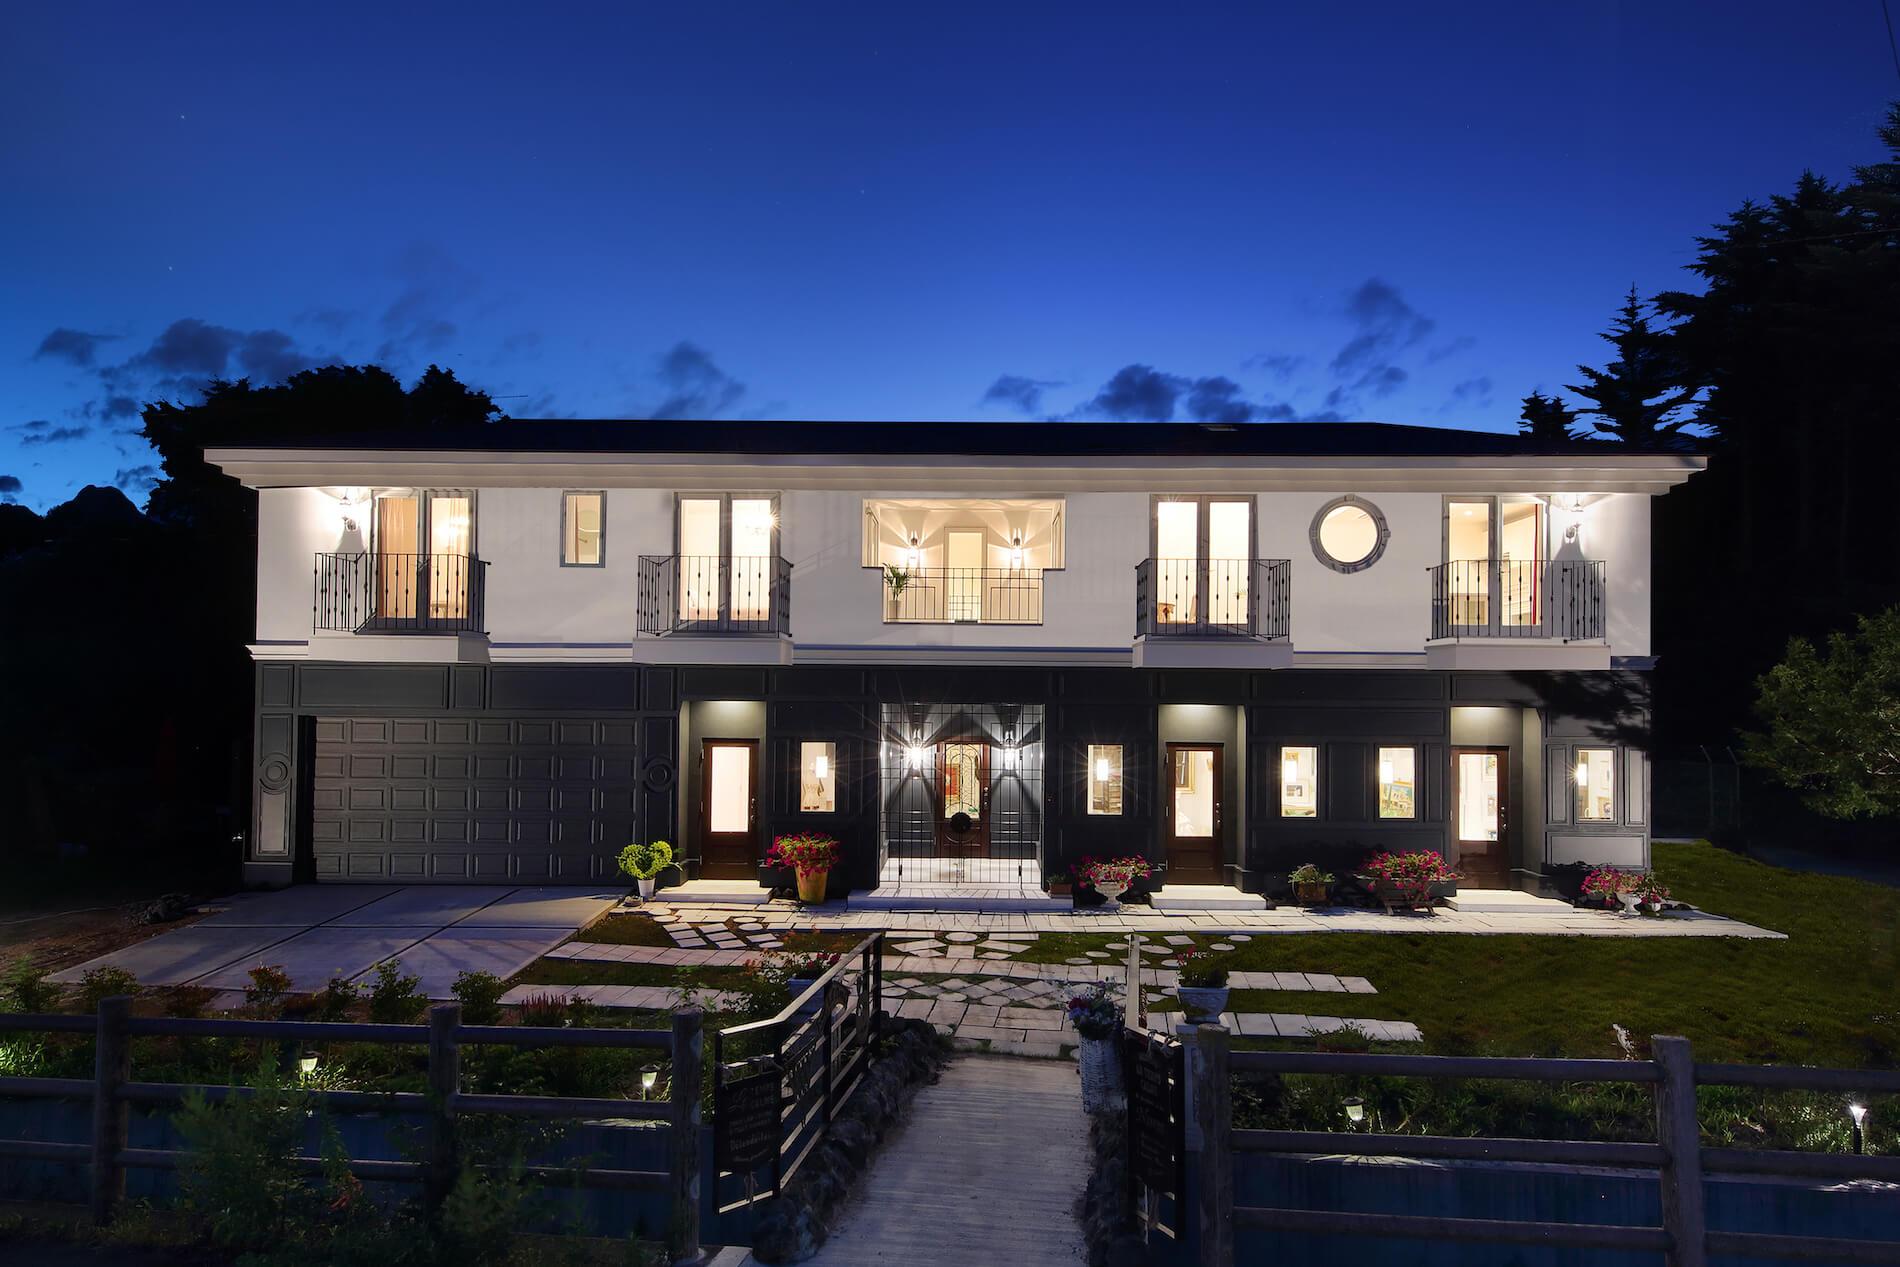 パリアパルトマン 輸入住宅の外観夕景写真